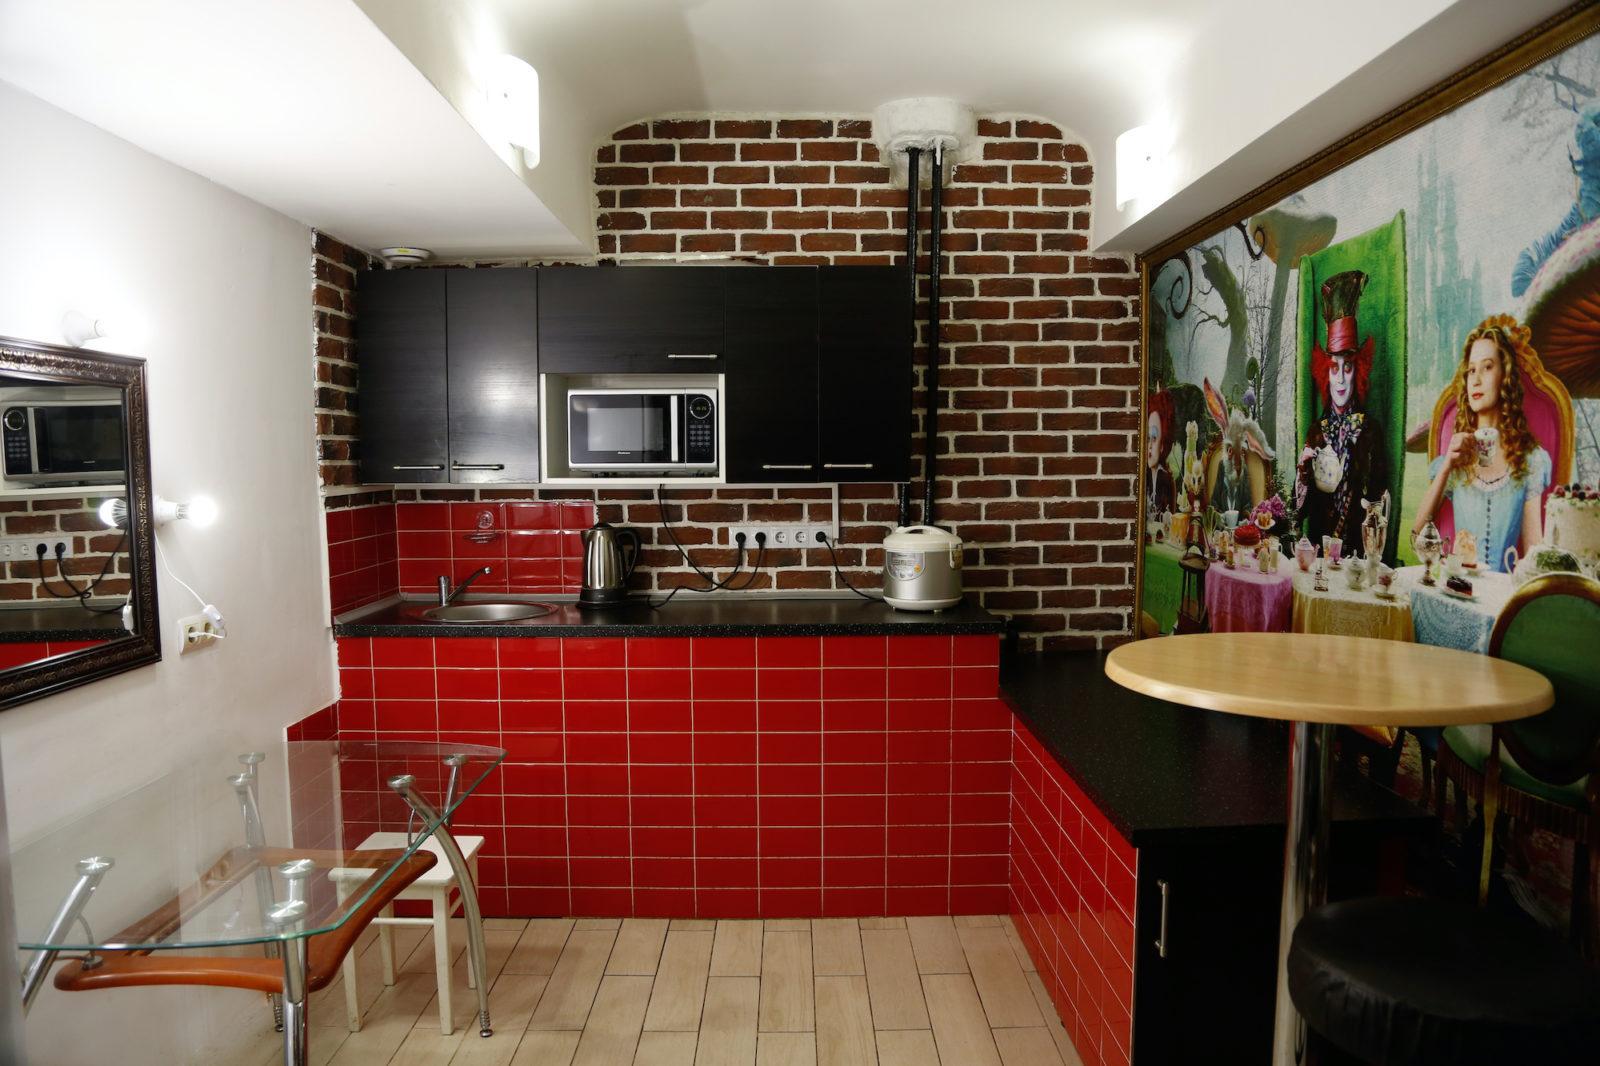 Аренда кухни интерьера фотостудии